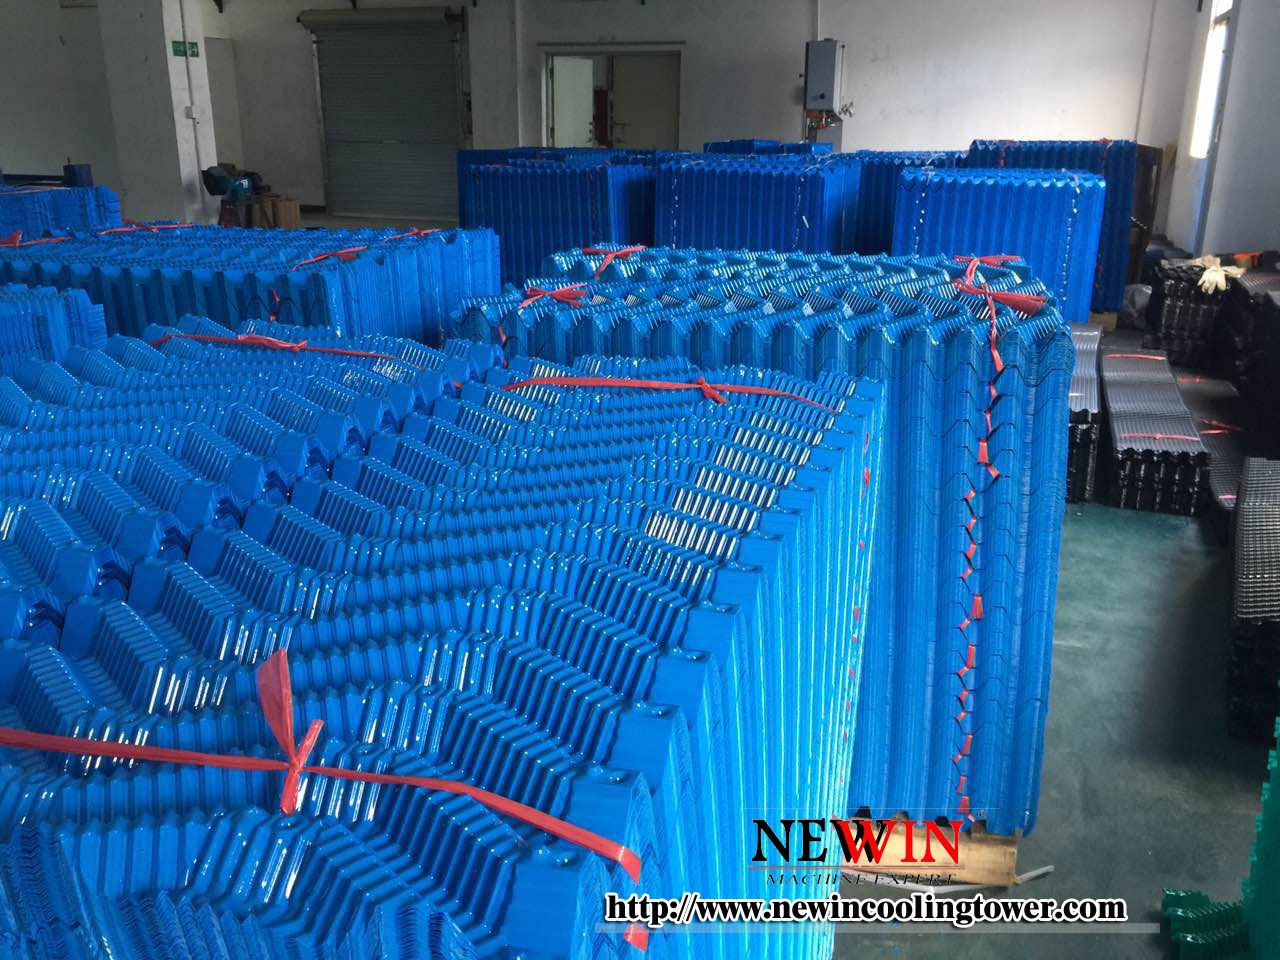 Pin By Shengzhi Zhu On Newin Cooling Tower Pvc Pp Fillers